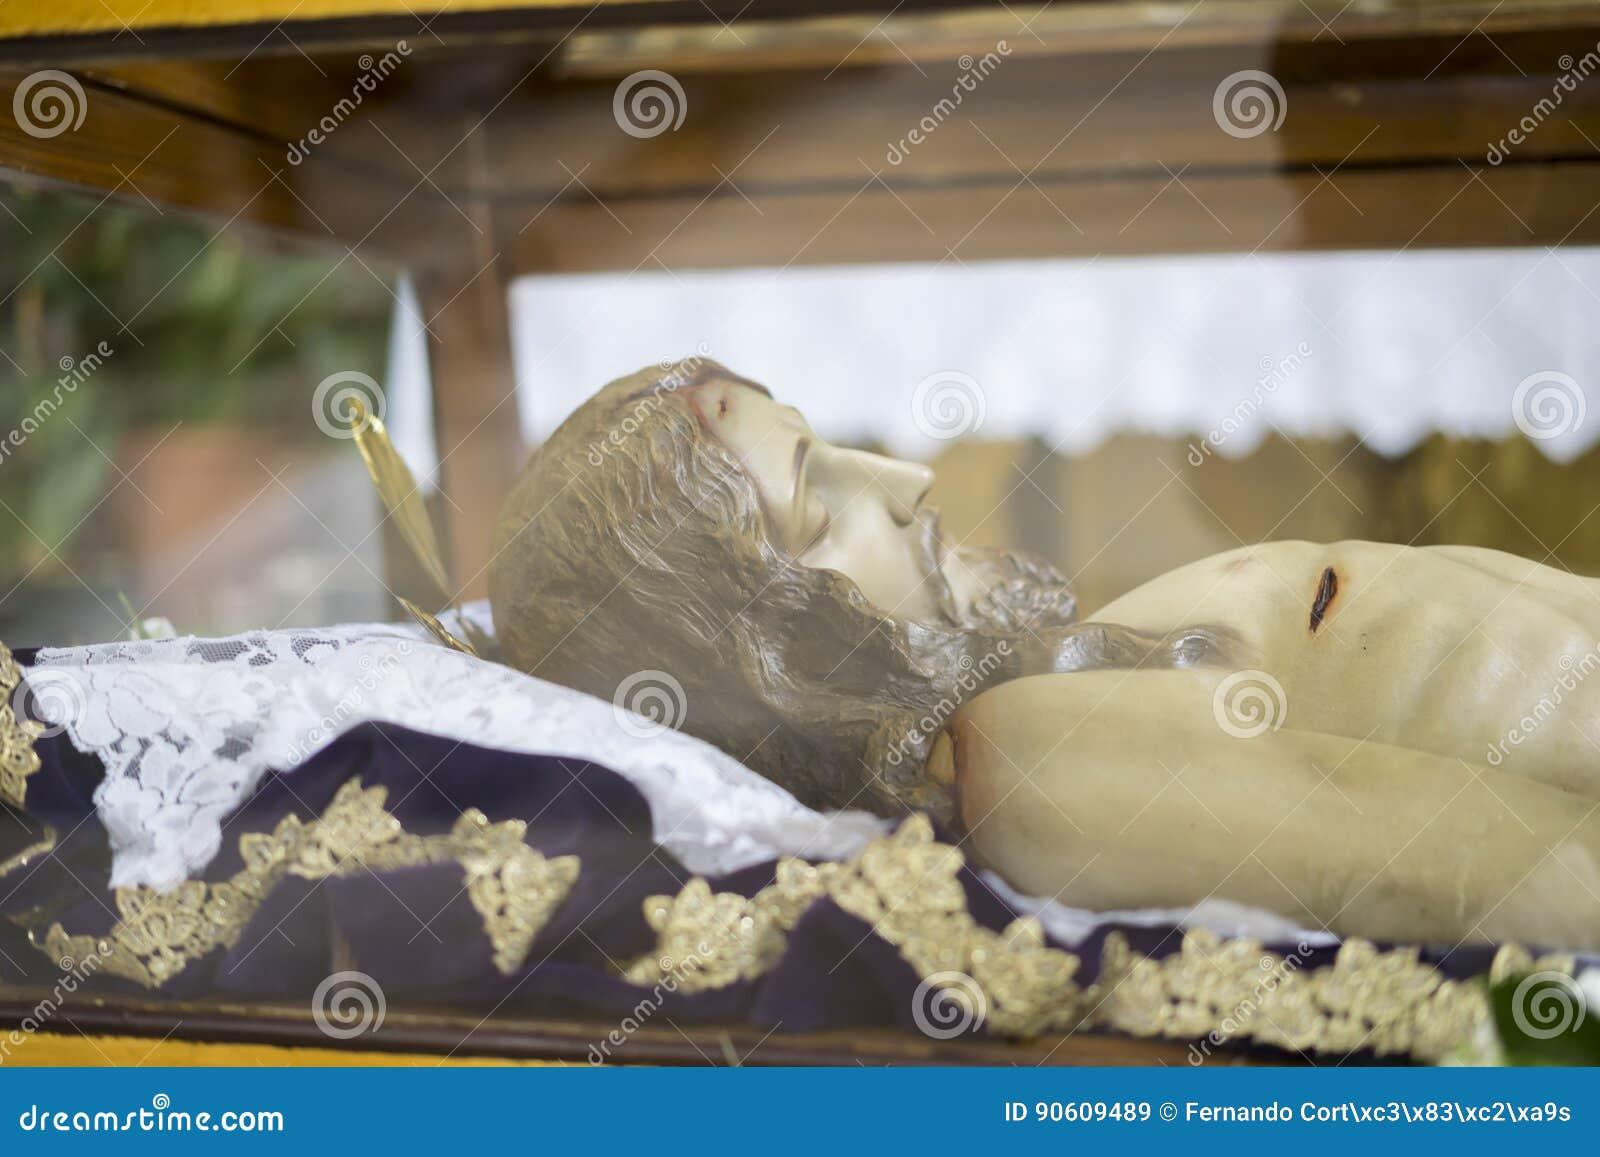 Łgarskiego jezus chrystus Święty tydzień w Hiszpania, wizerunki dziewicy i ponowny,